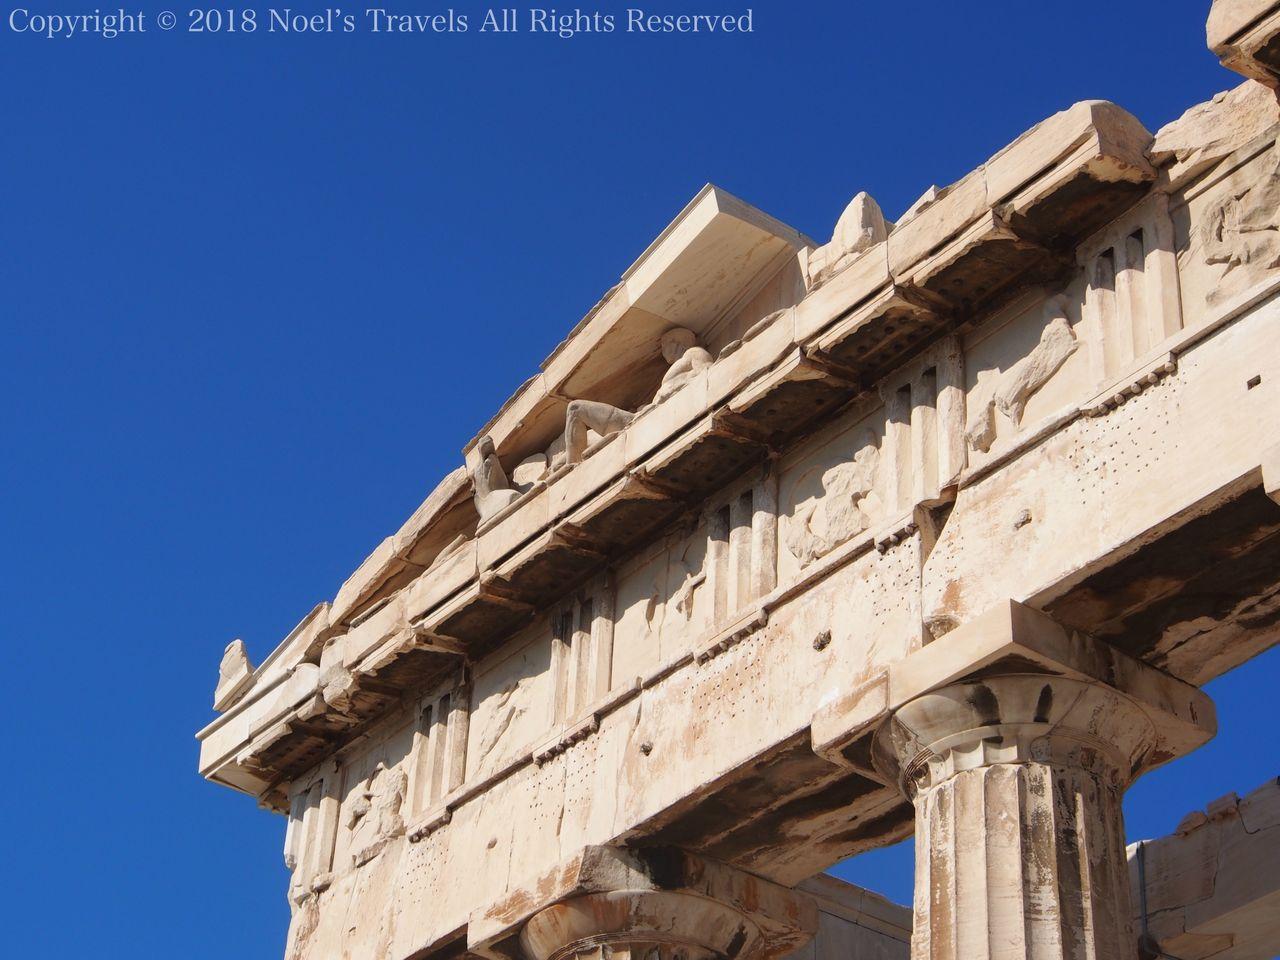 パルテノン神殿の屋根とメトーブ